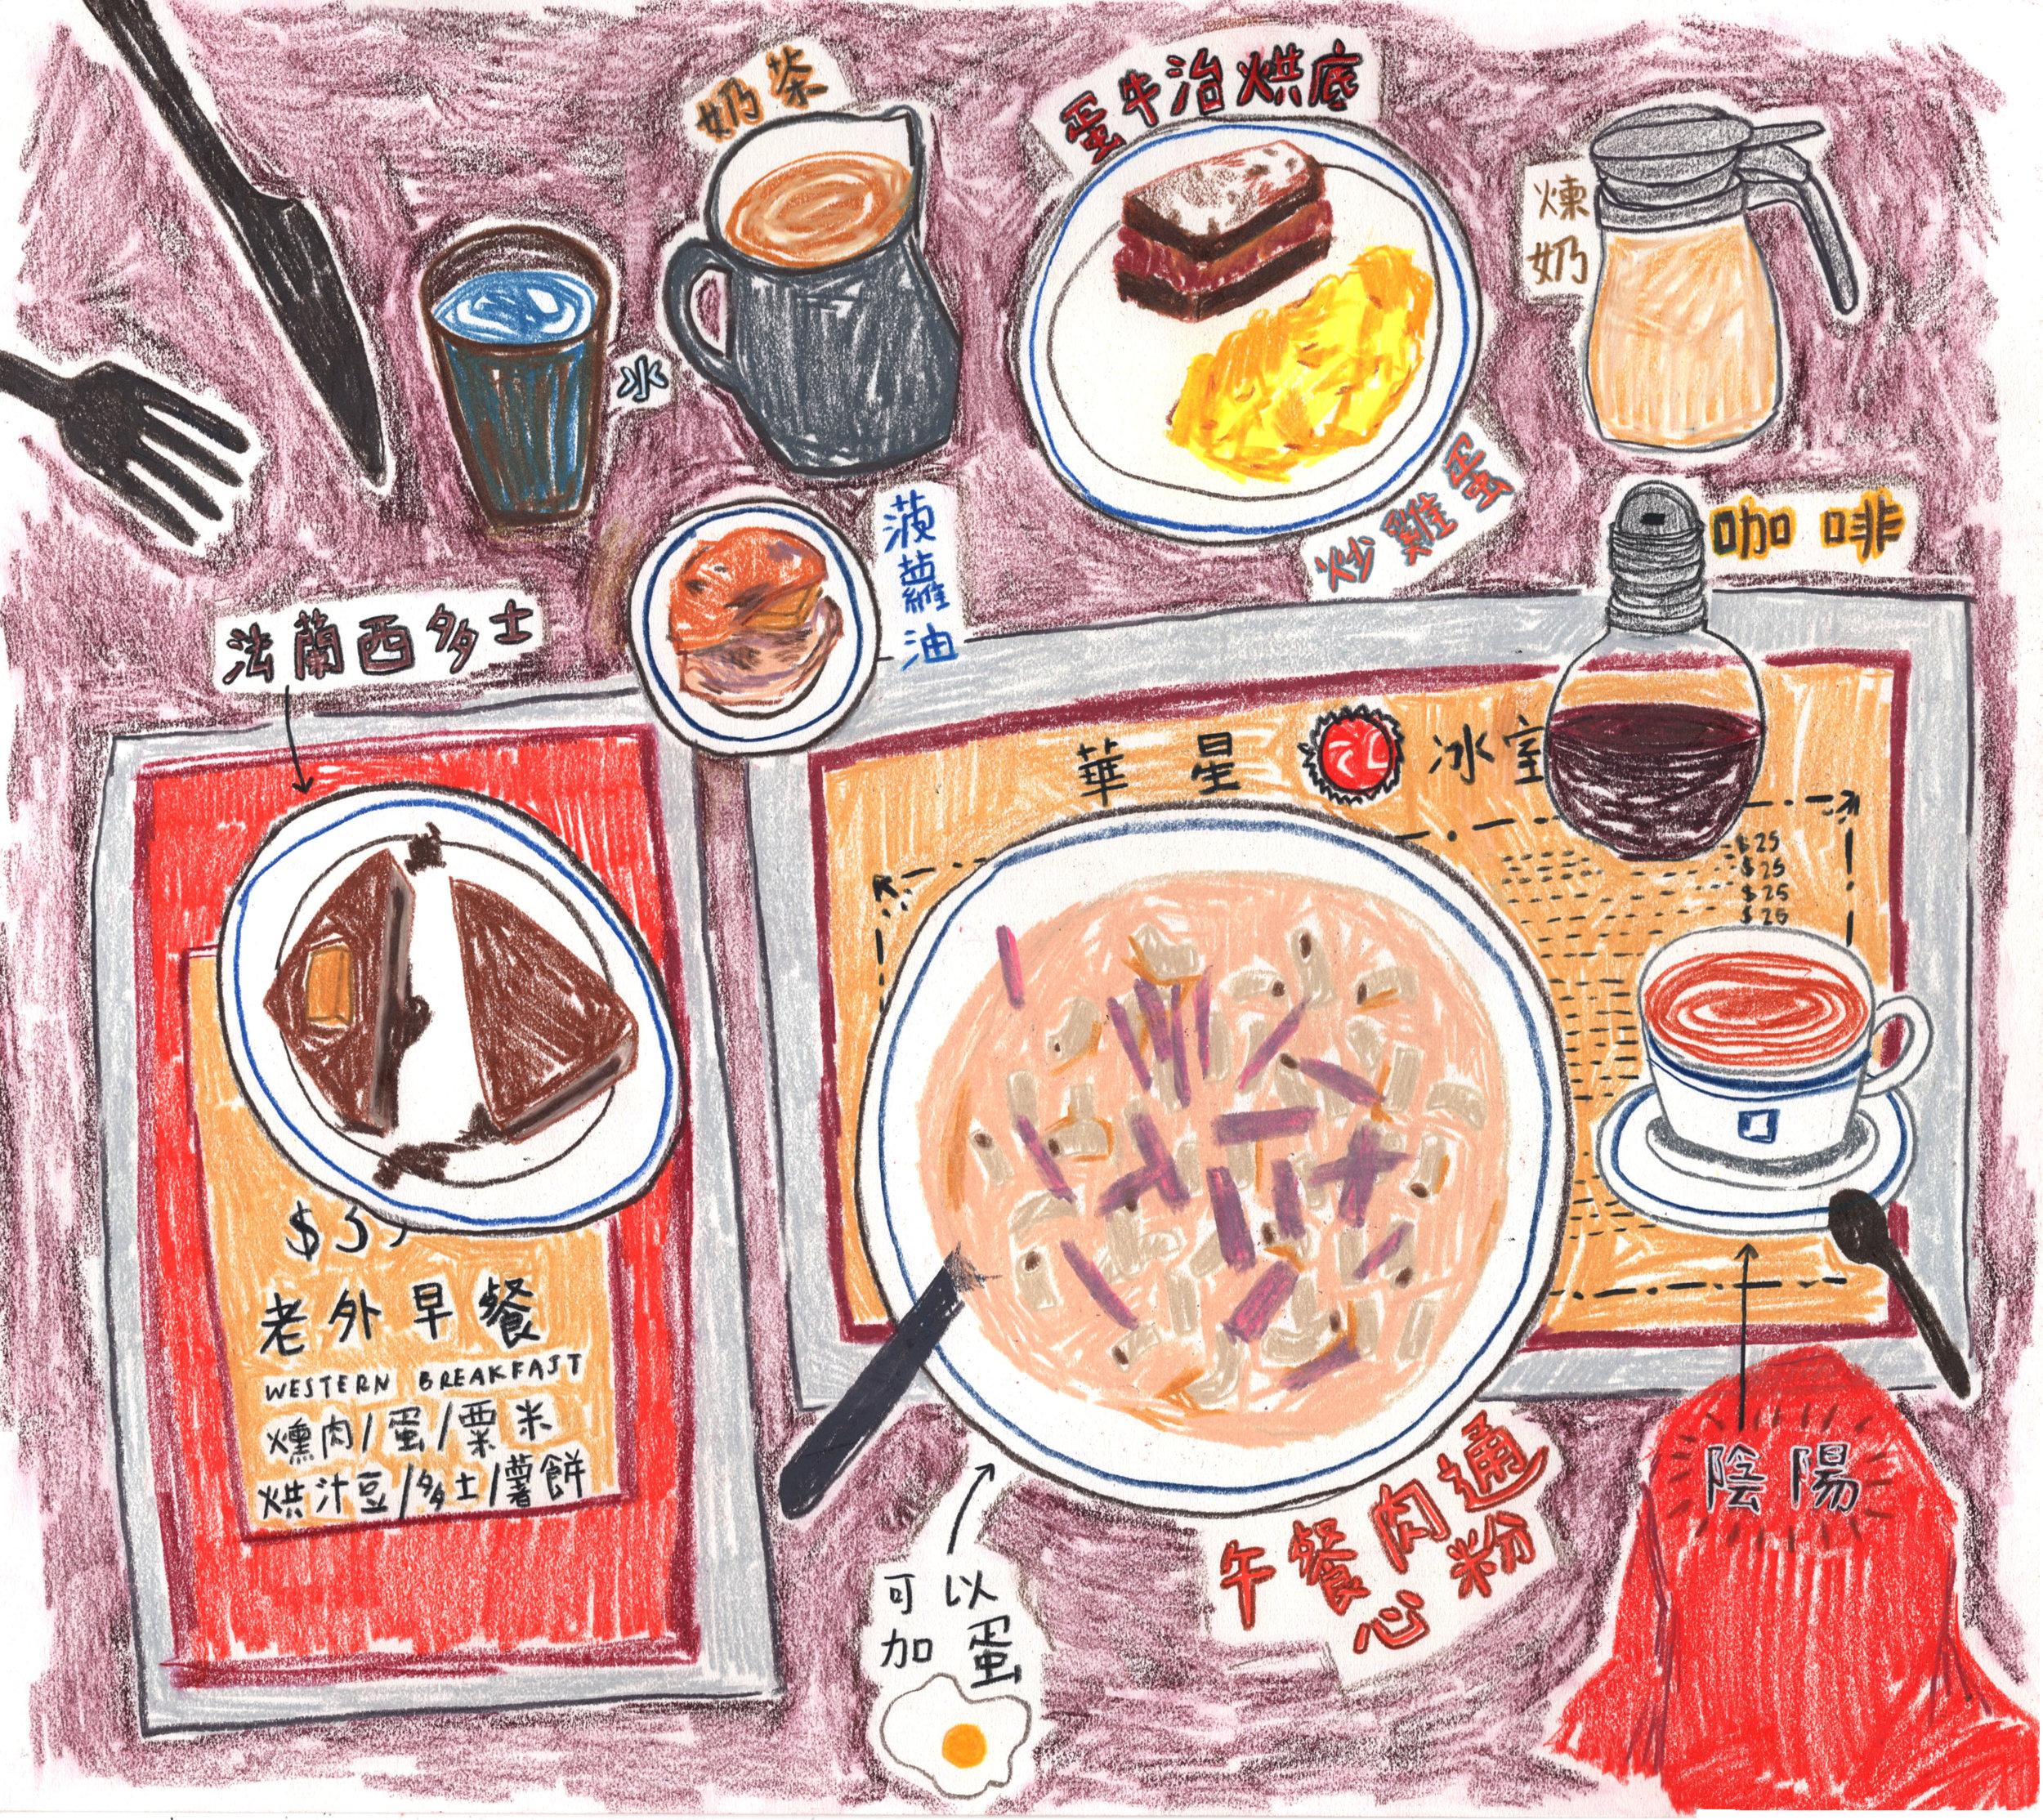 hk breakfast tho.jpg